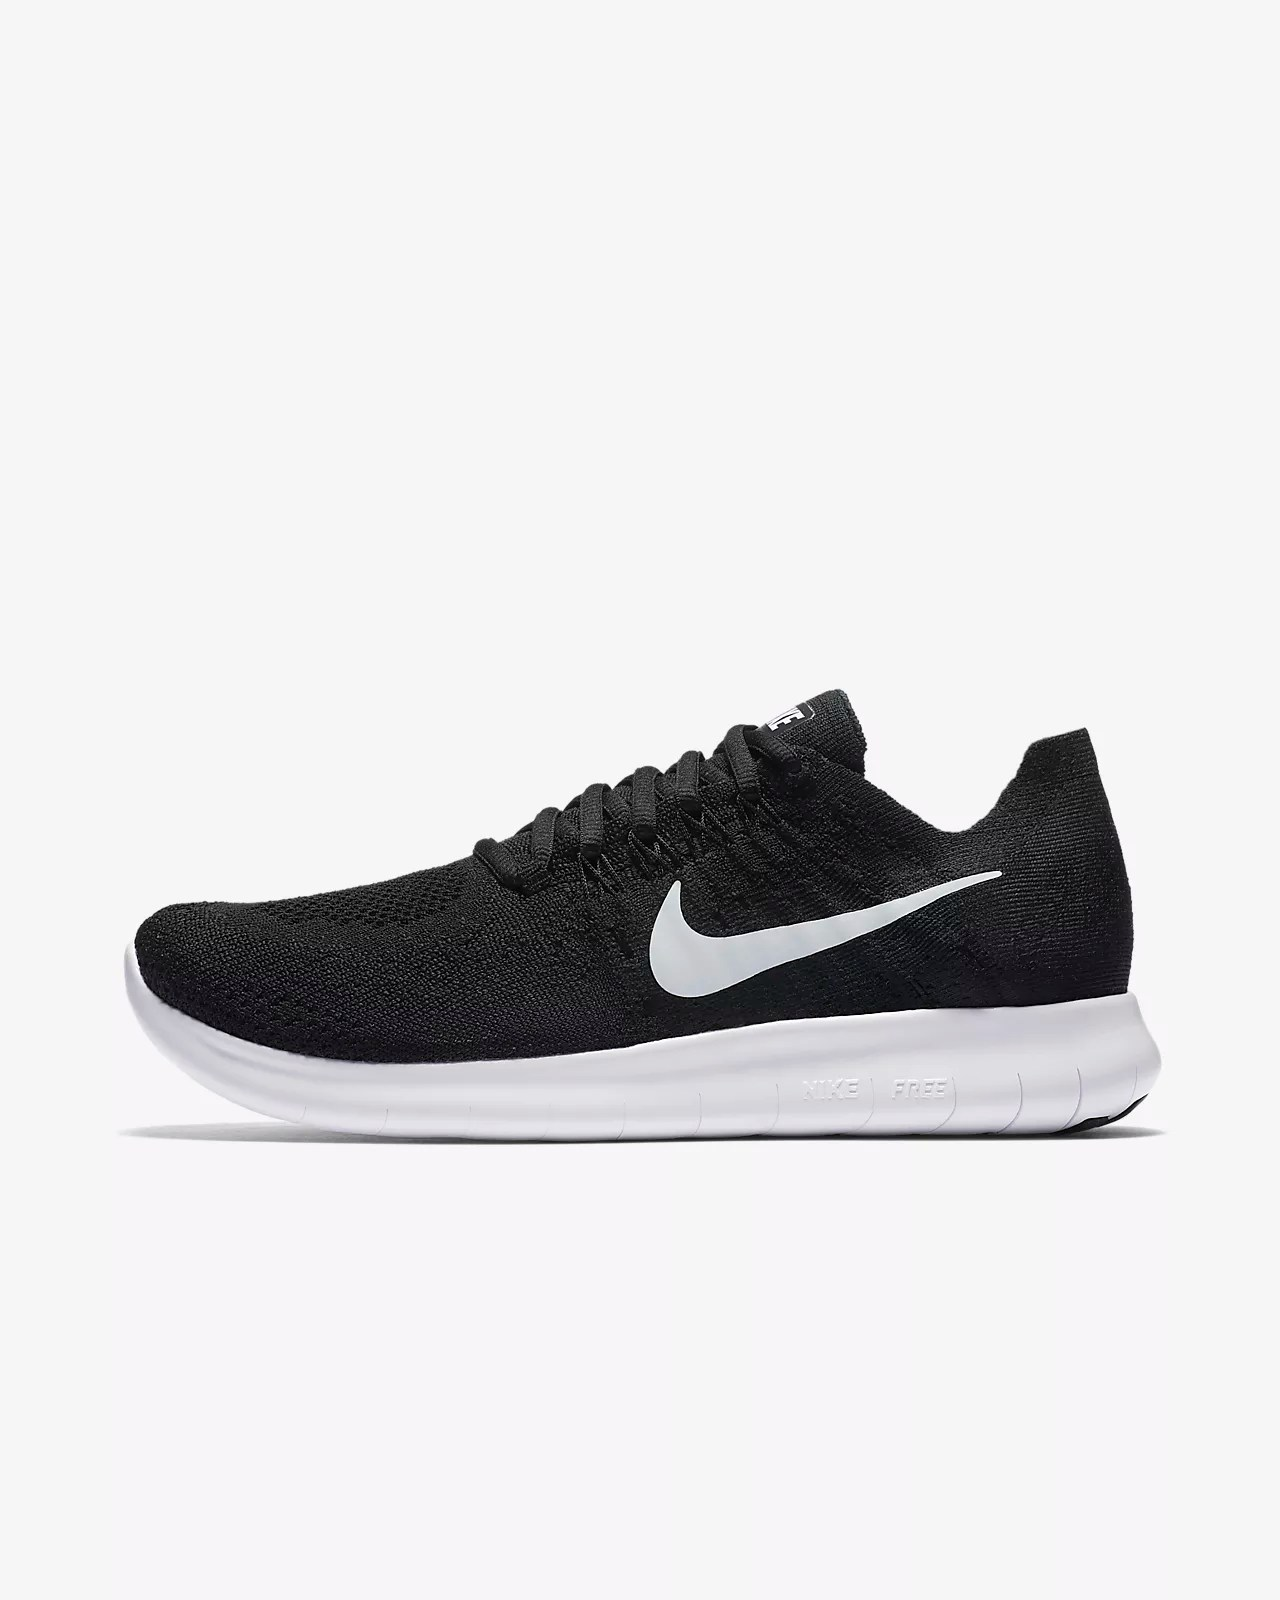 Nike Free RN Flyknit 2017 Women's Running Shoe